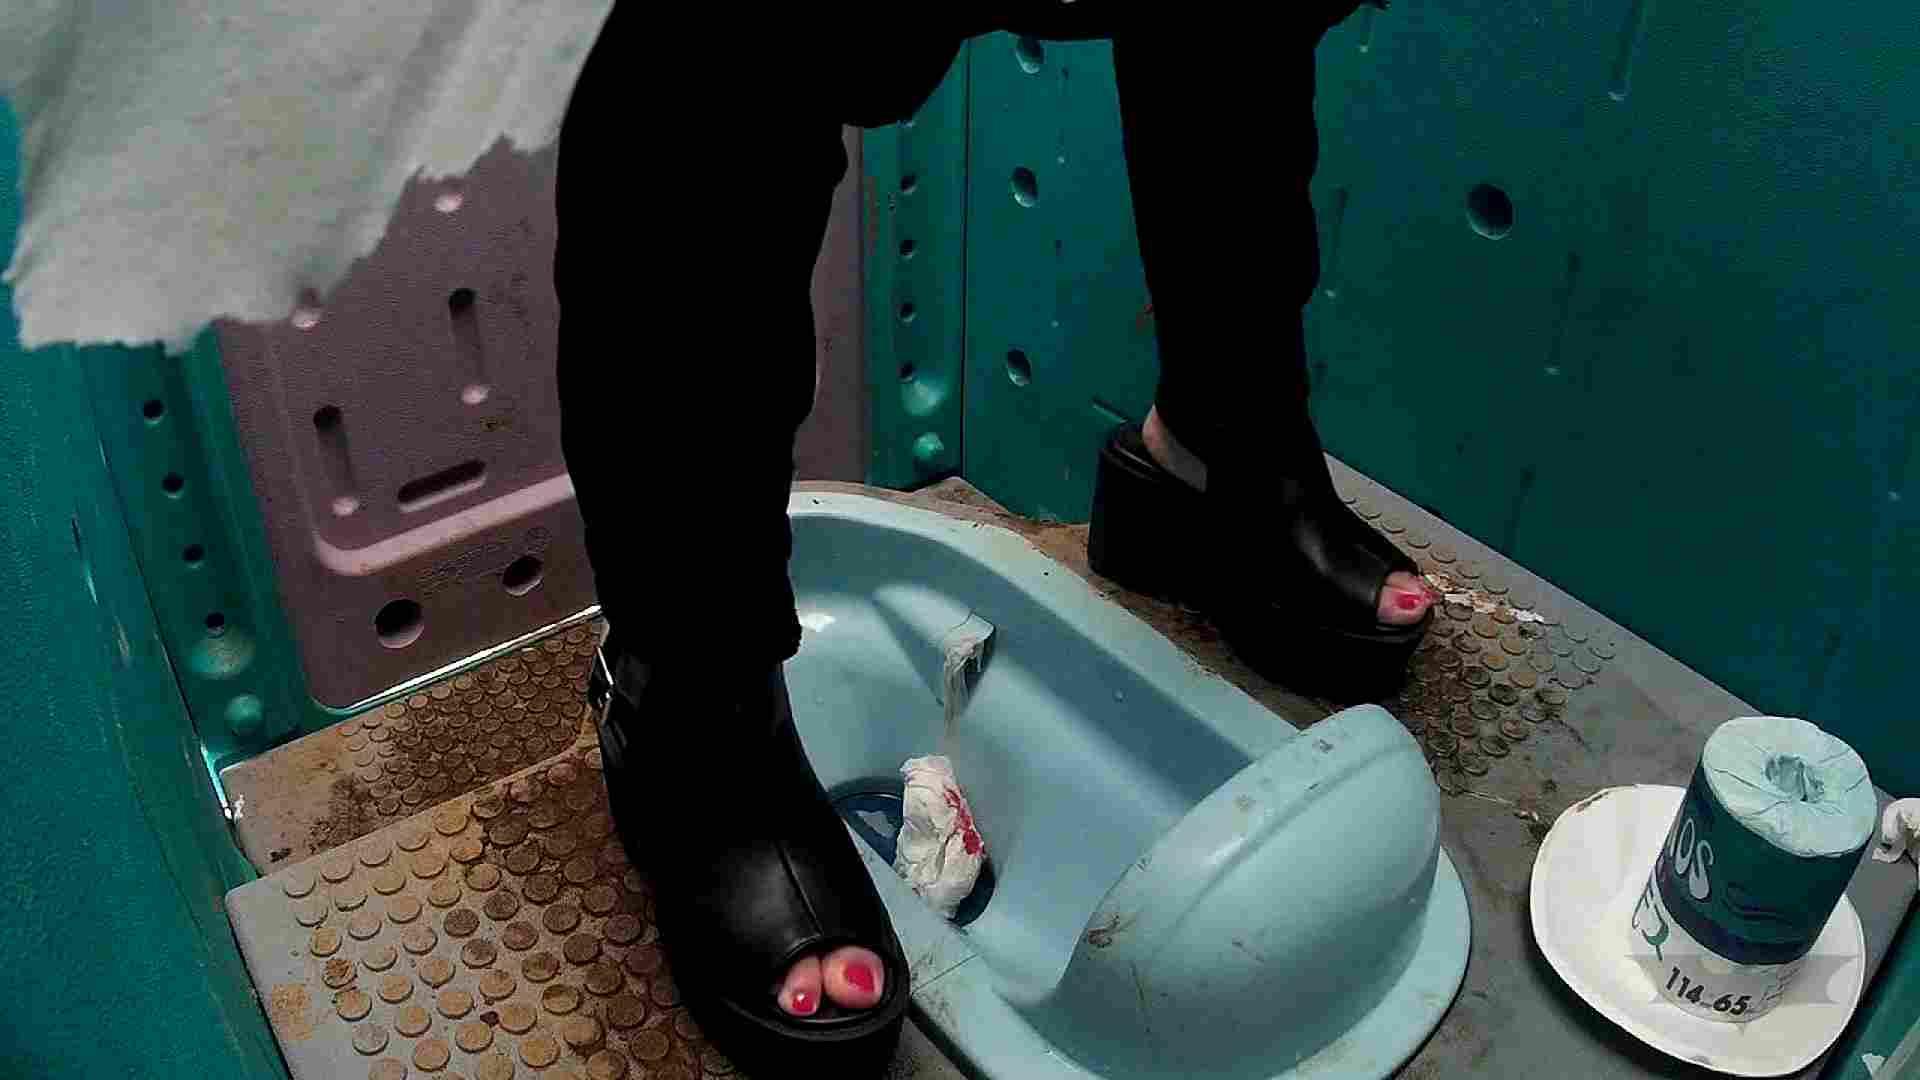 痴態洗面所 Vol.06 中が「マジヤバいヨネ!」洗面所 洗面所  83Pix 19